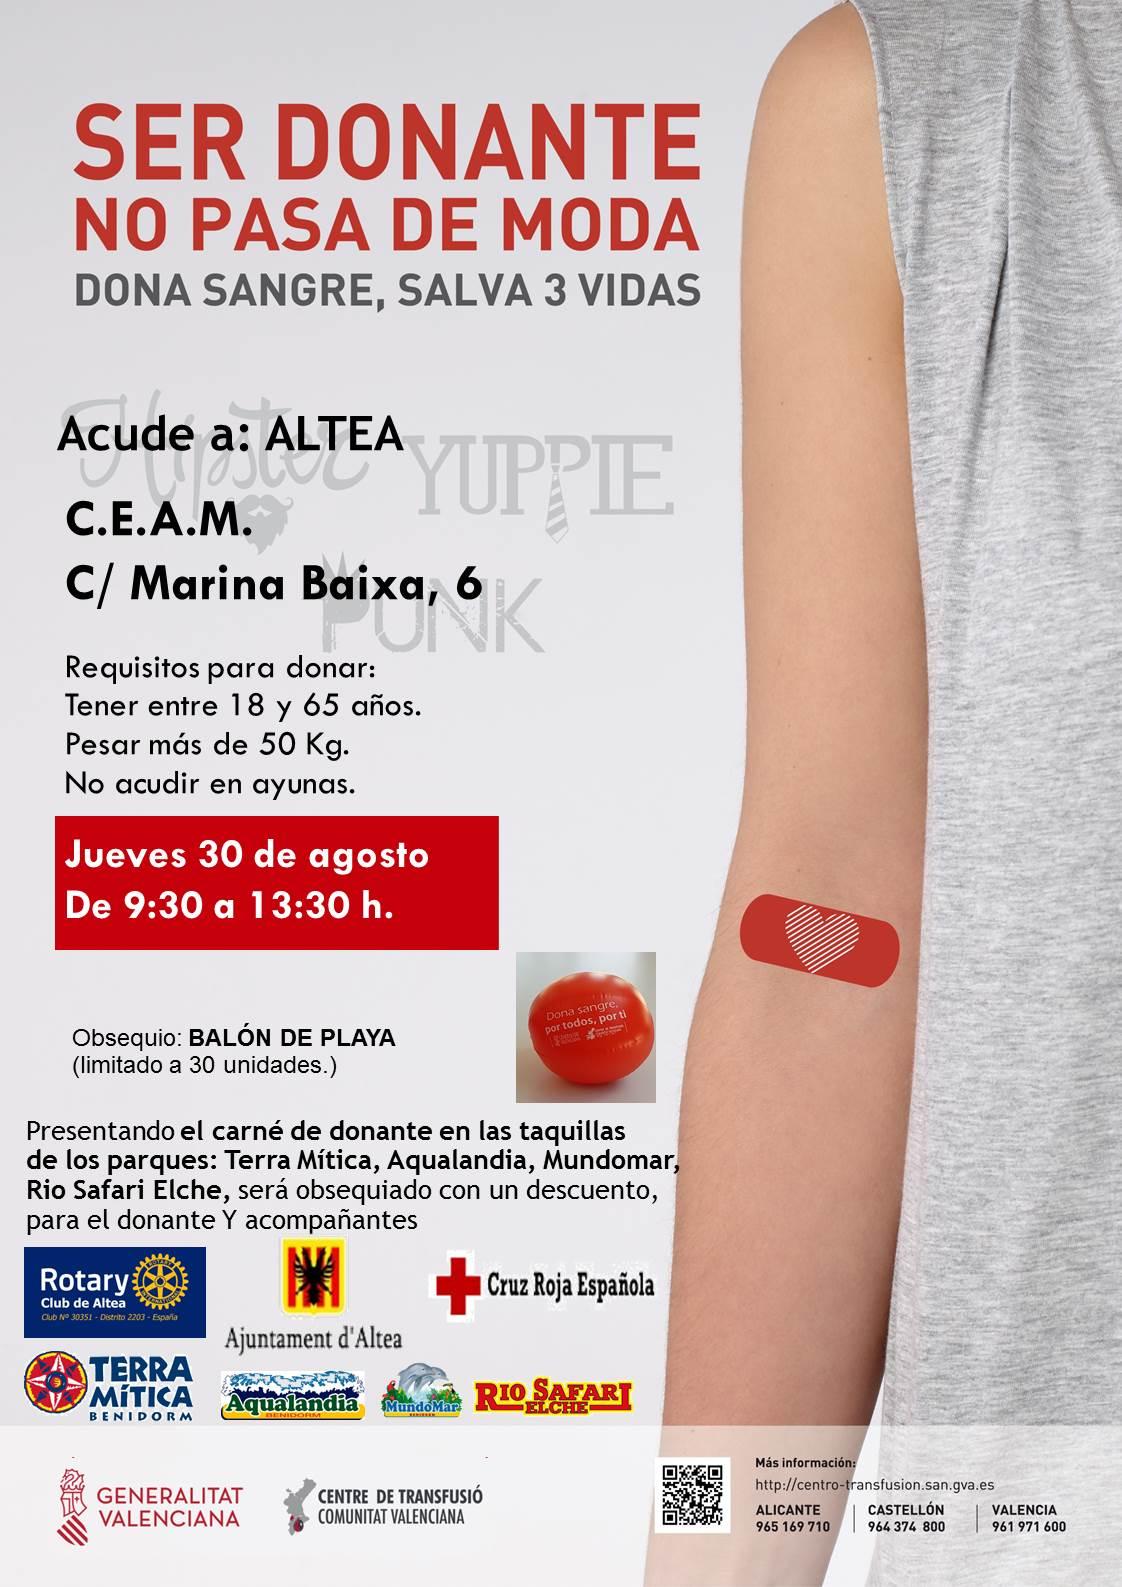 Jueves 30 de agosto, de 9:30 a 13:30h y de 16:30 a 21:00h en el CEAM, puedes donar sangre y salvar tres vidas